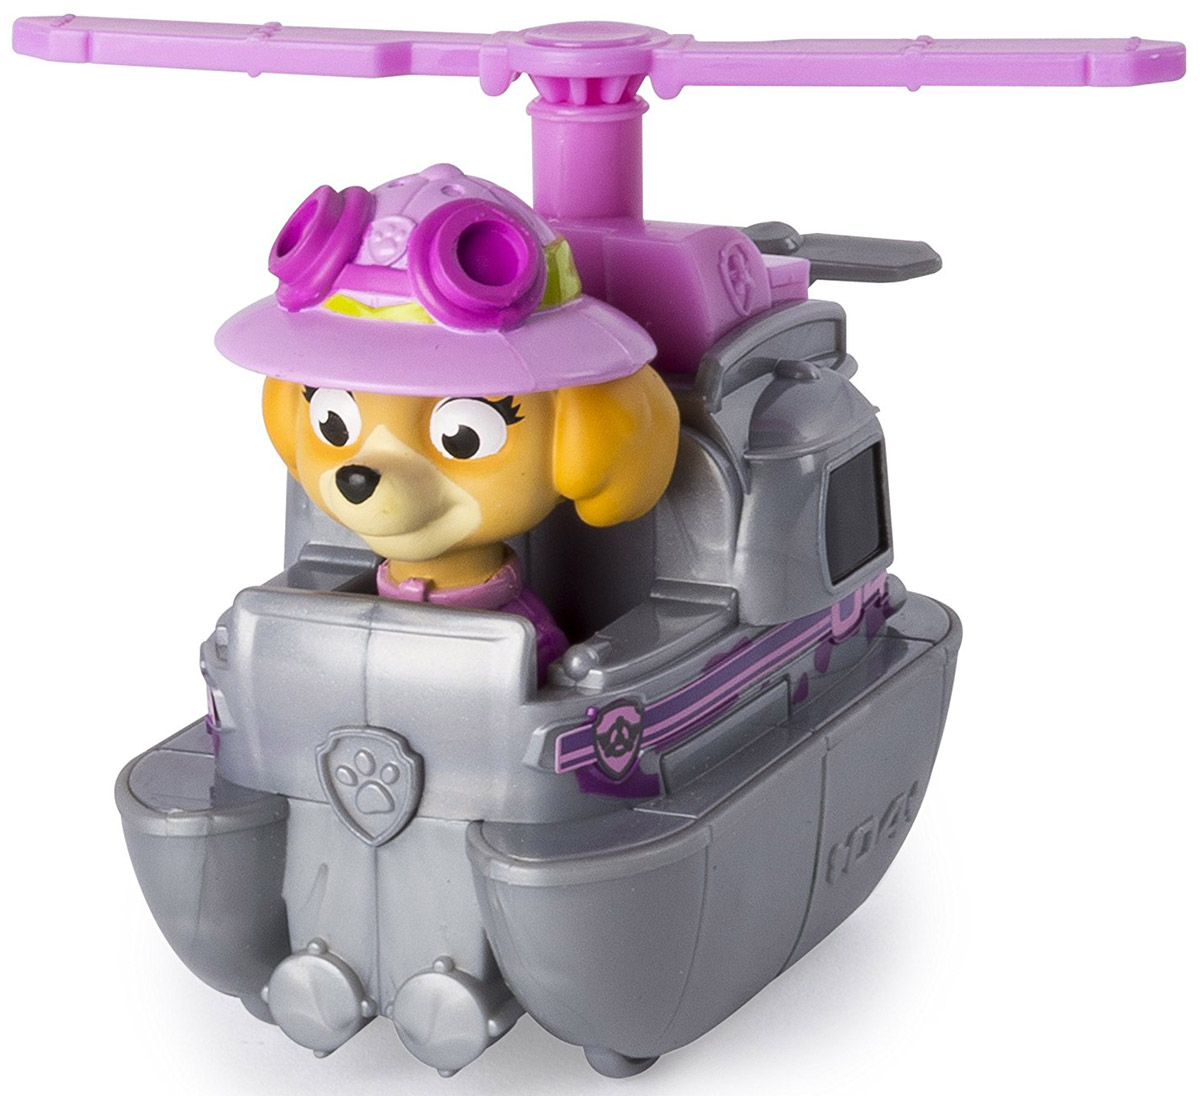 Paw Patrol Вертолет спасателя Skye игрушка paw patrol фигурка спасателя с питомцем